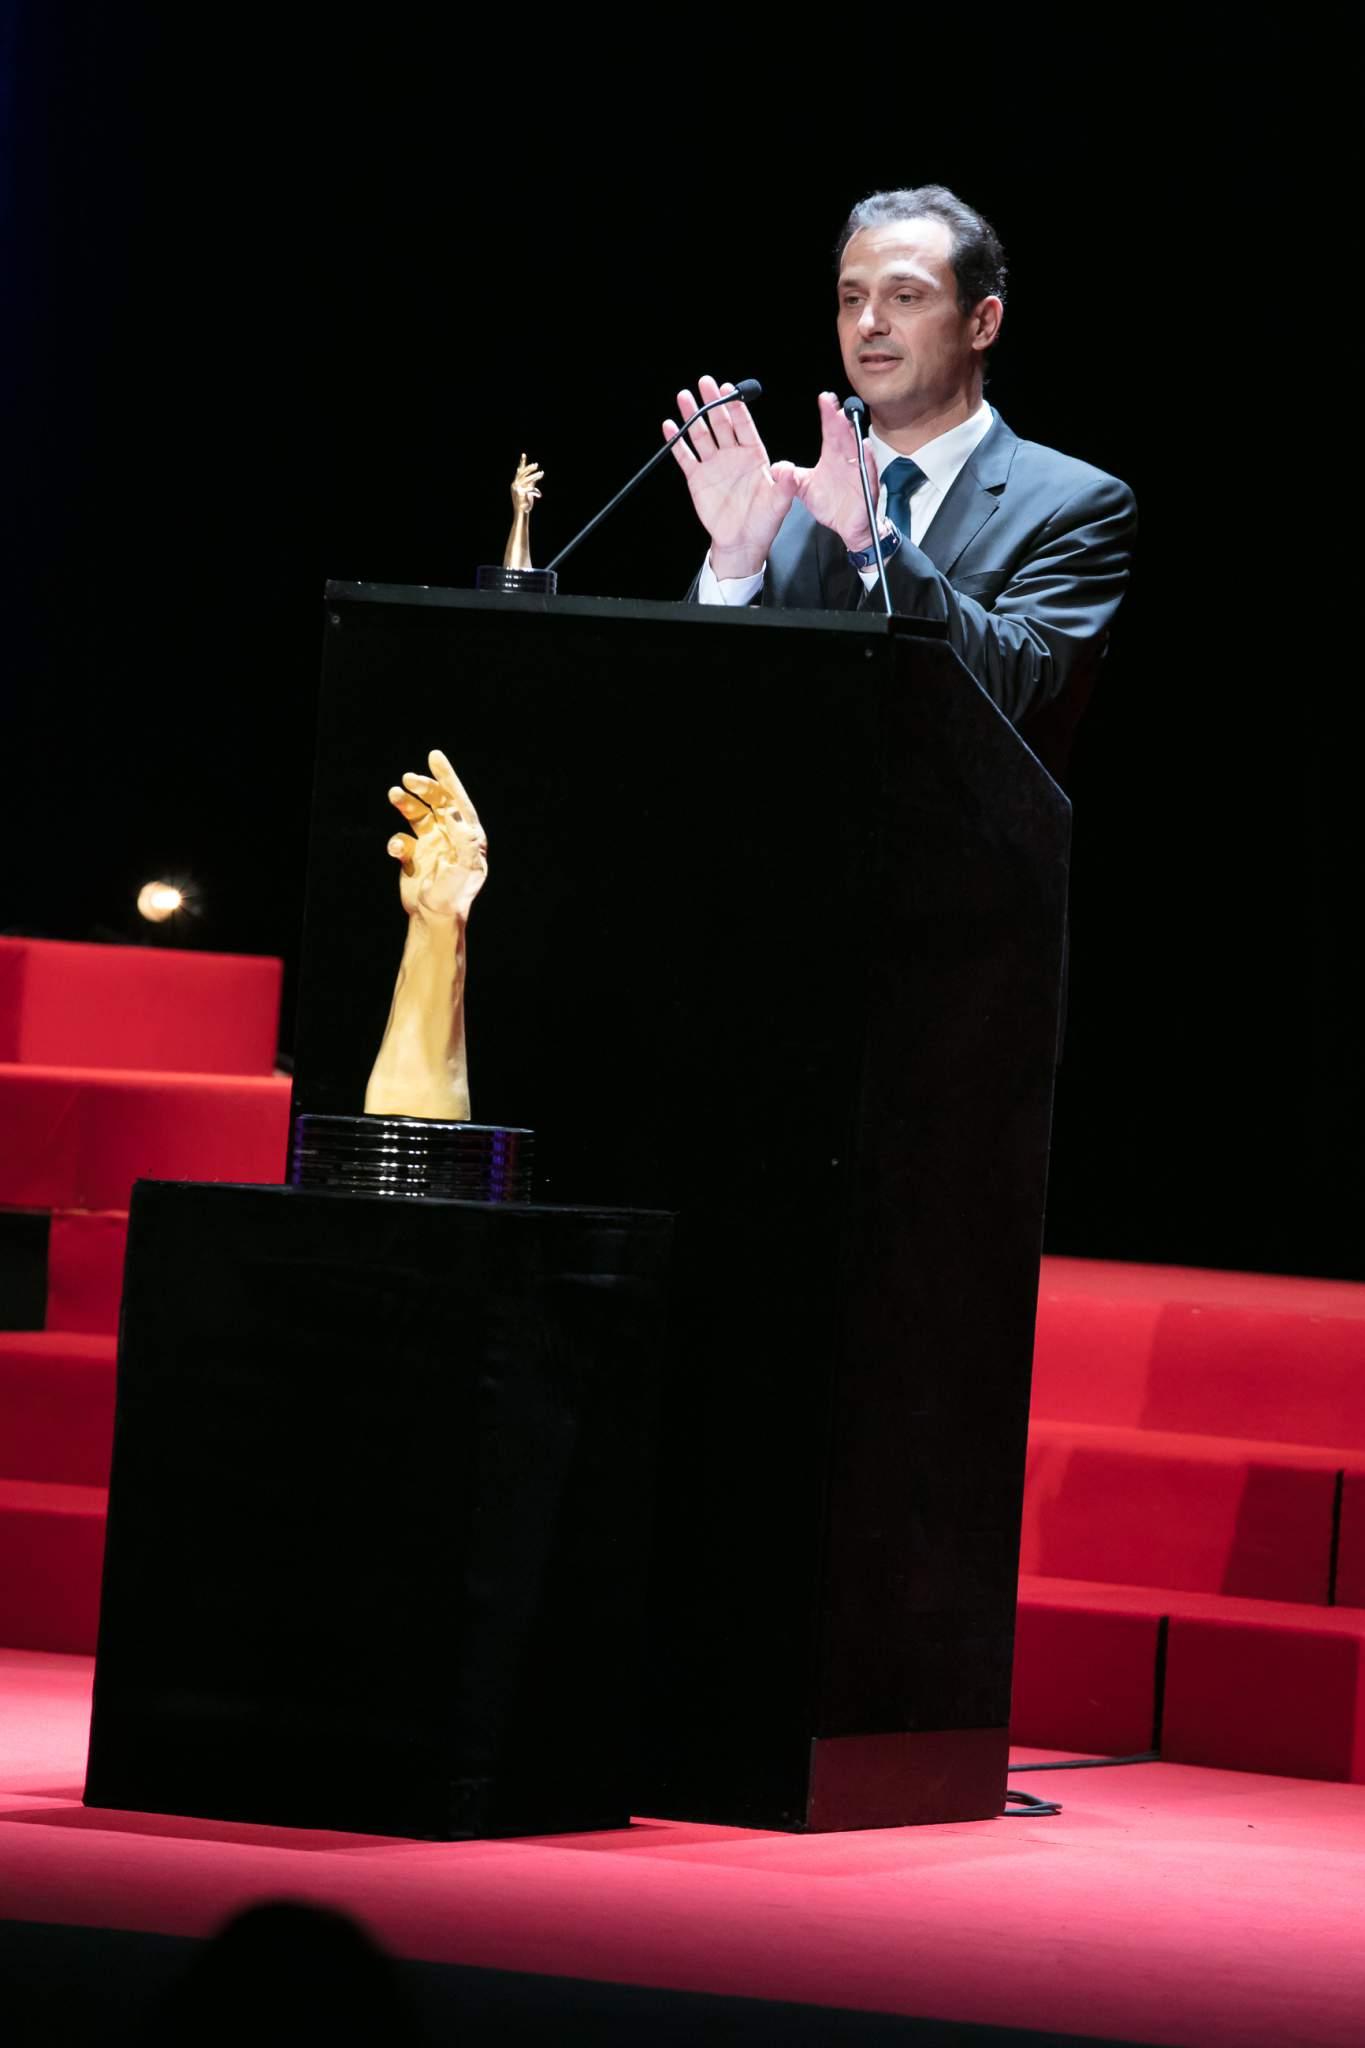 Eric de Rocquigny (Directeur International Opérations & Métiers de Van Cleef & Arpels, lauréat du Prix de la Haute Mécanique pour Dame 2017)